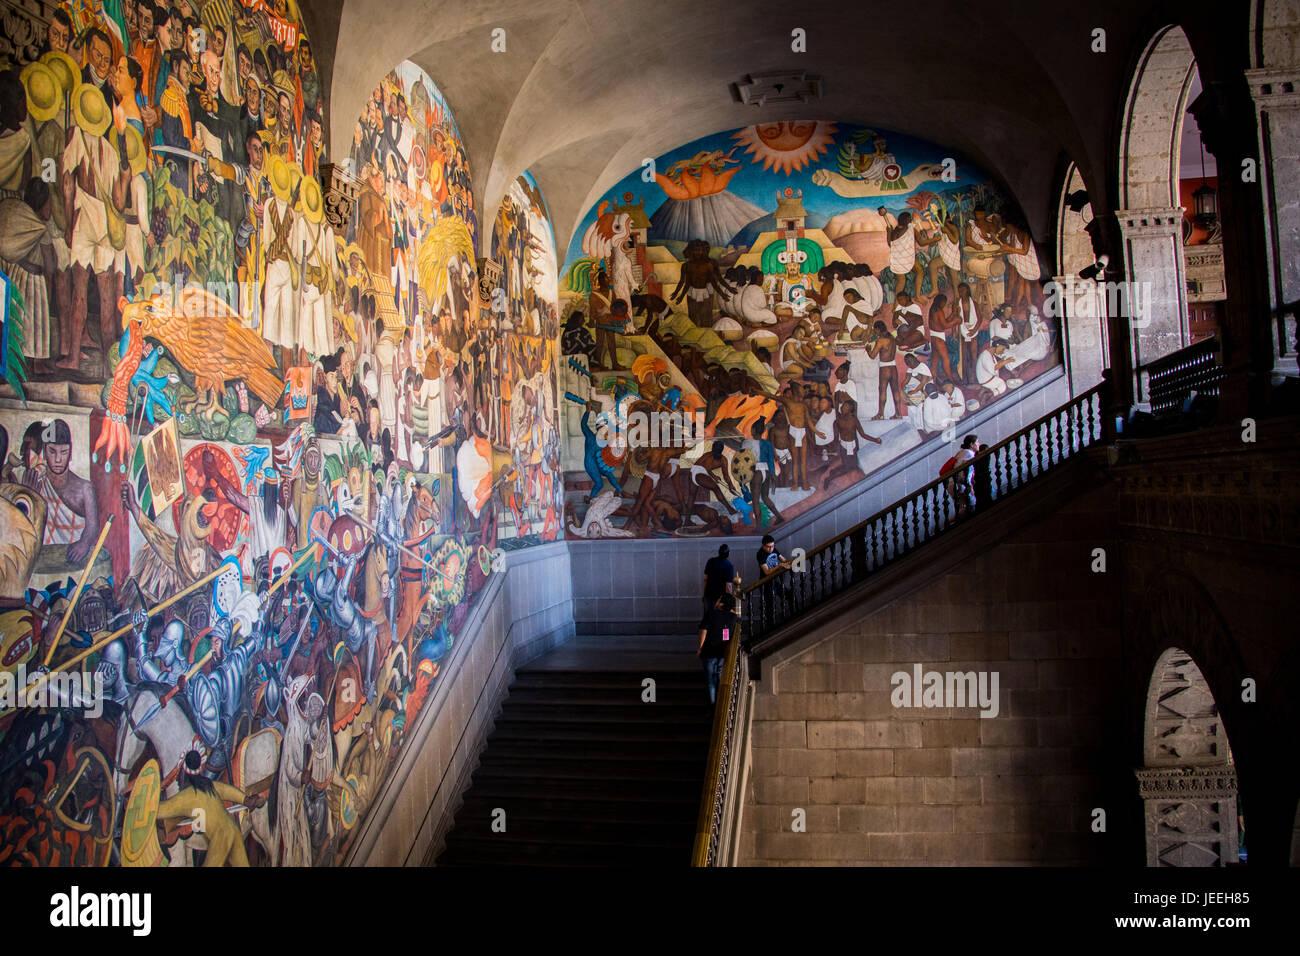 Diego Rivera's monumental stairway mural, National Palace, Palacio Nacional, Mexico City, Mexico - Stock Image